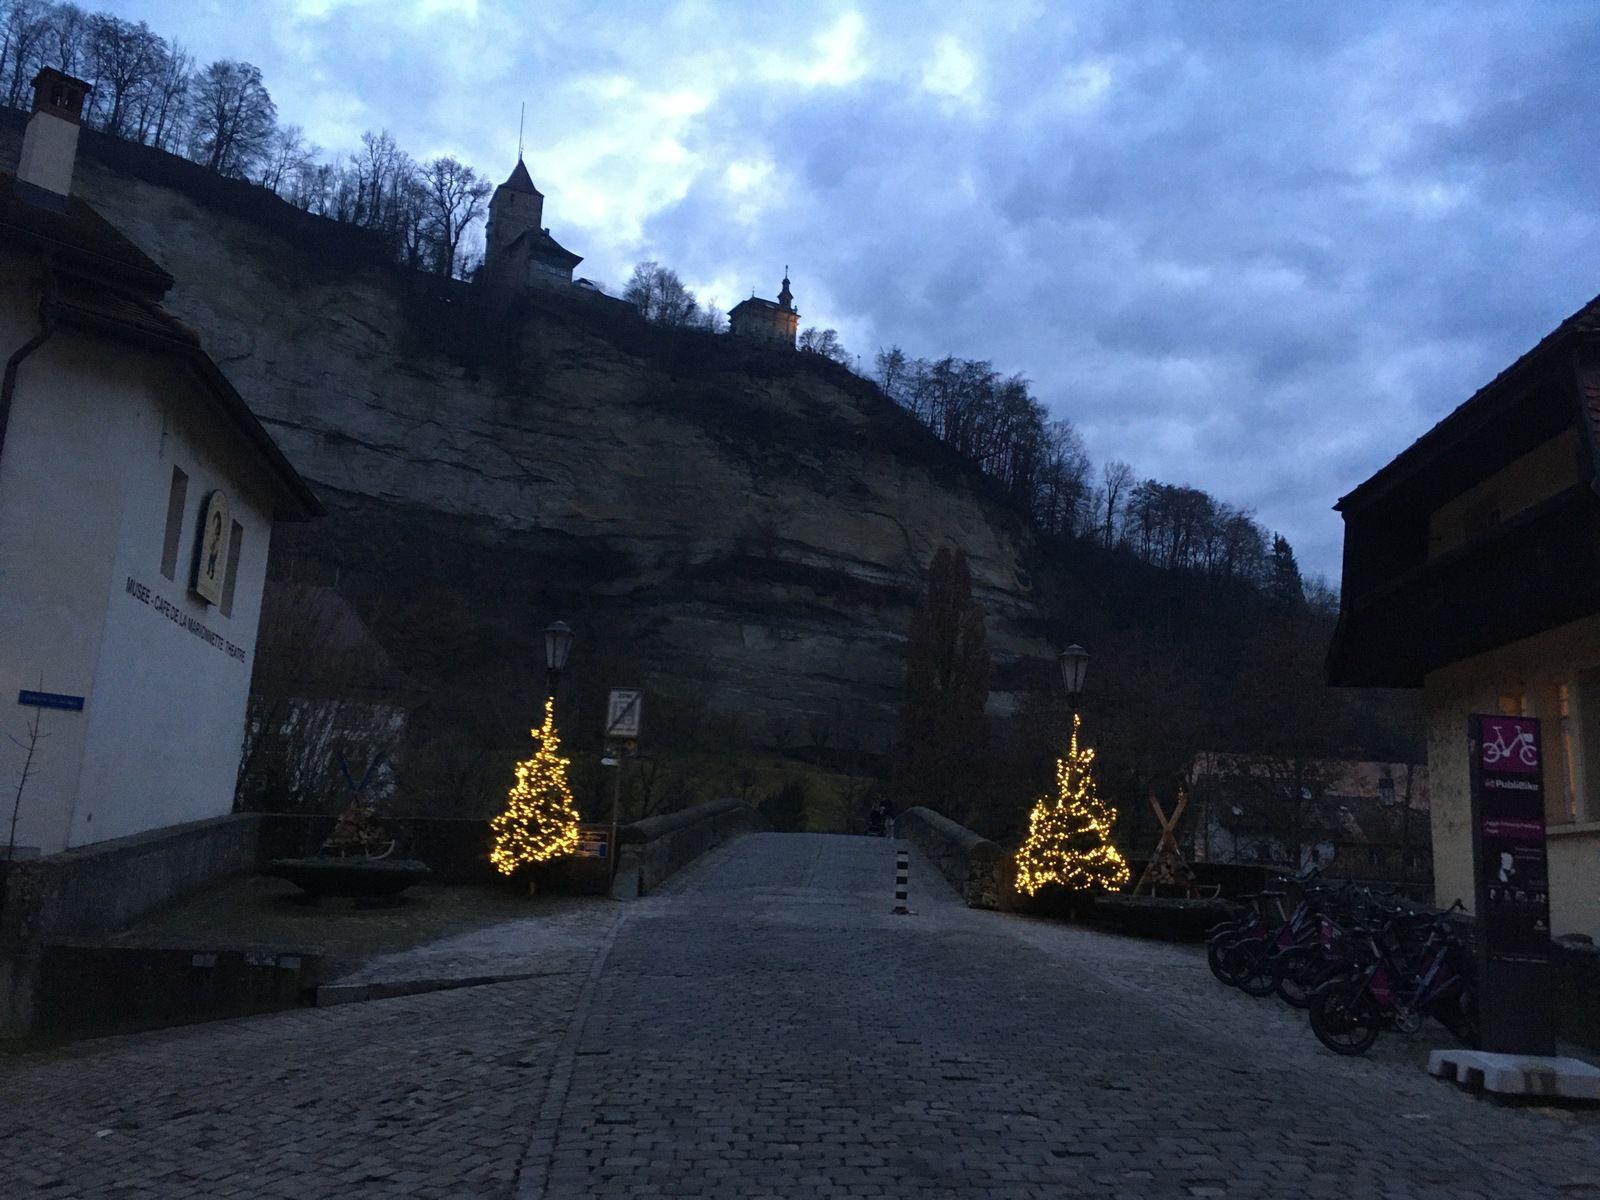 19 décembre 2020 : Fribourg (Suisse)